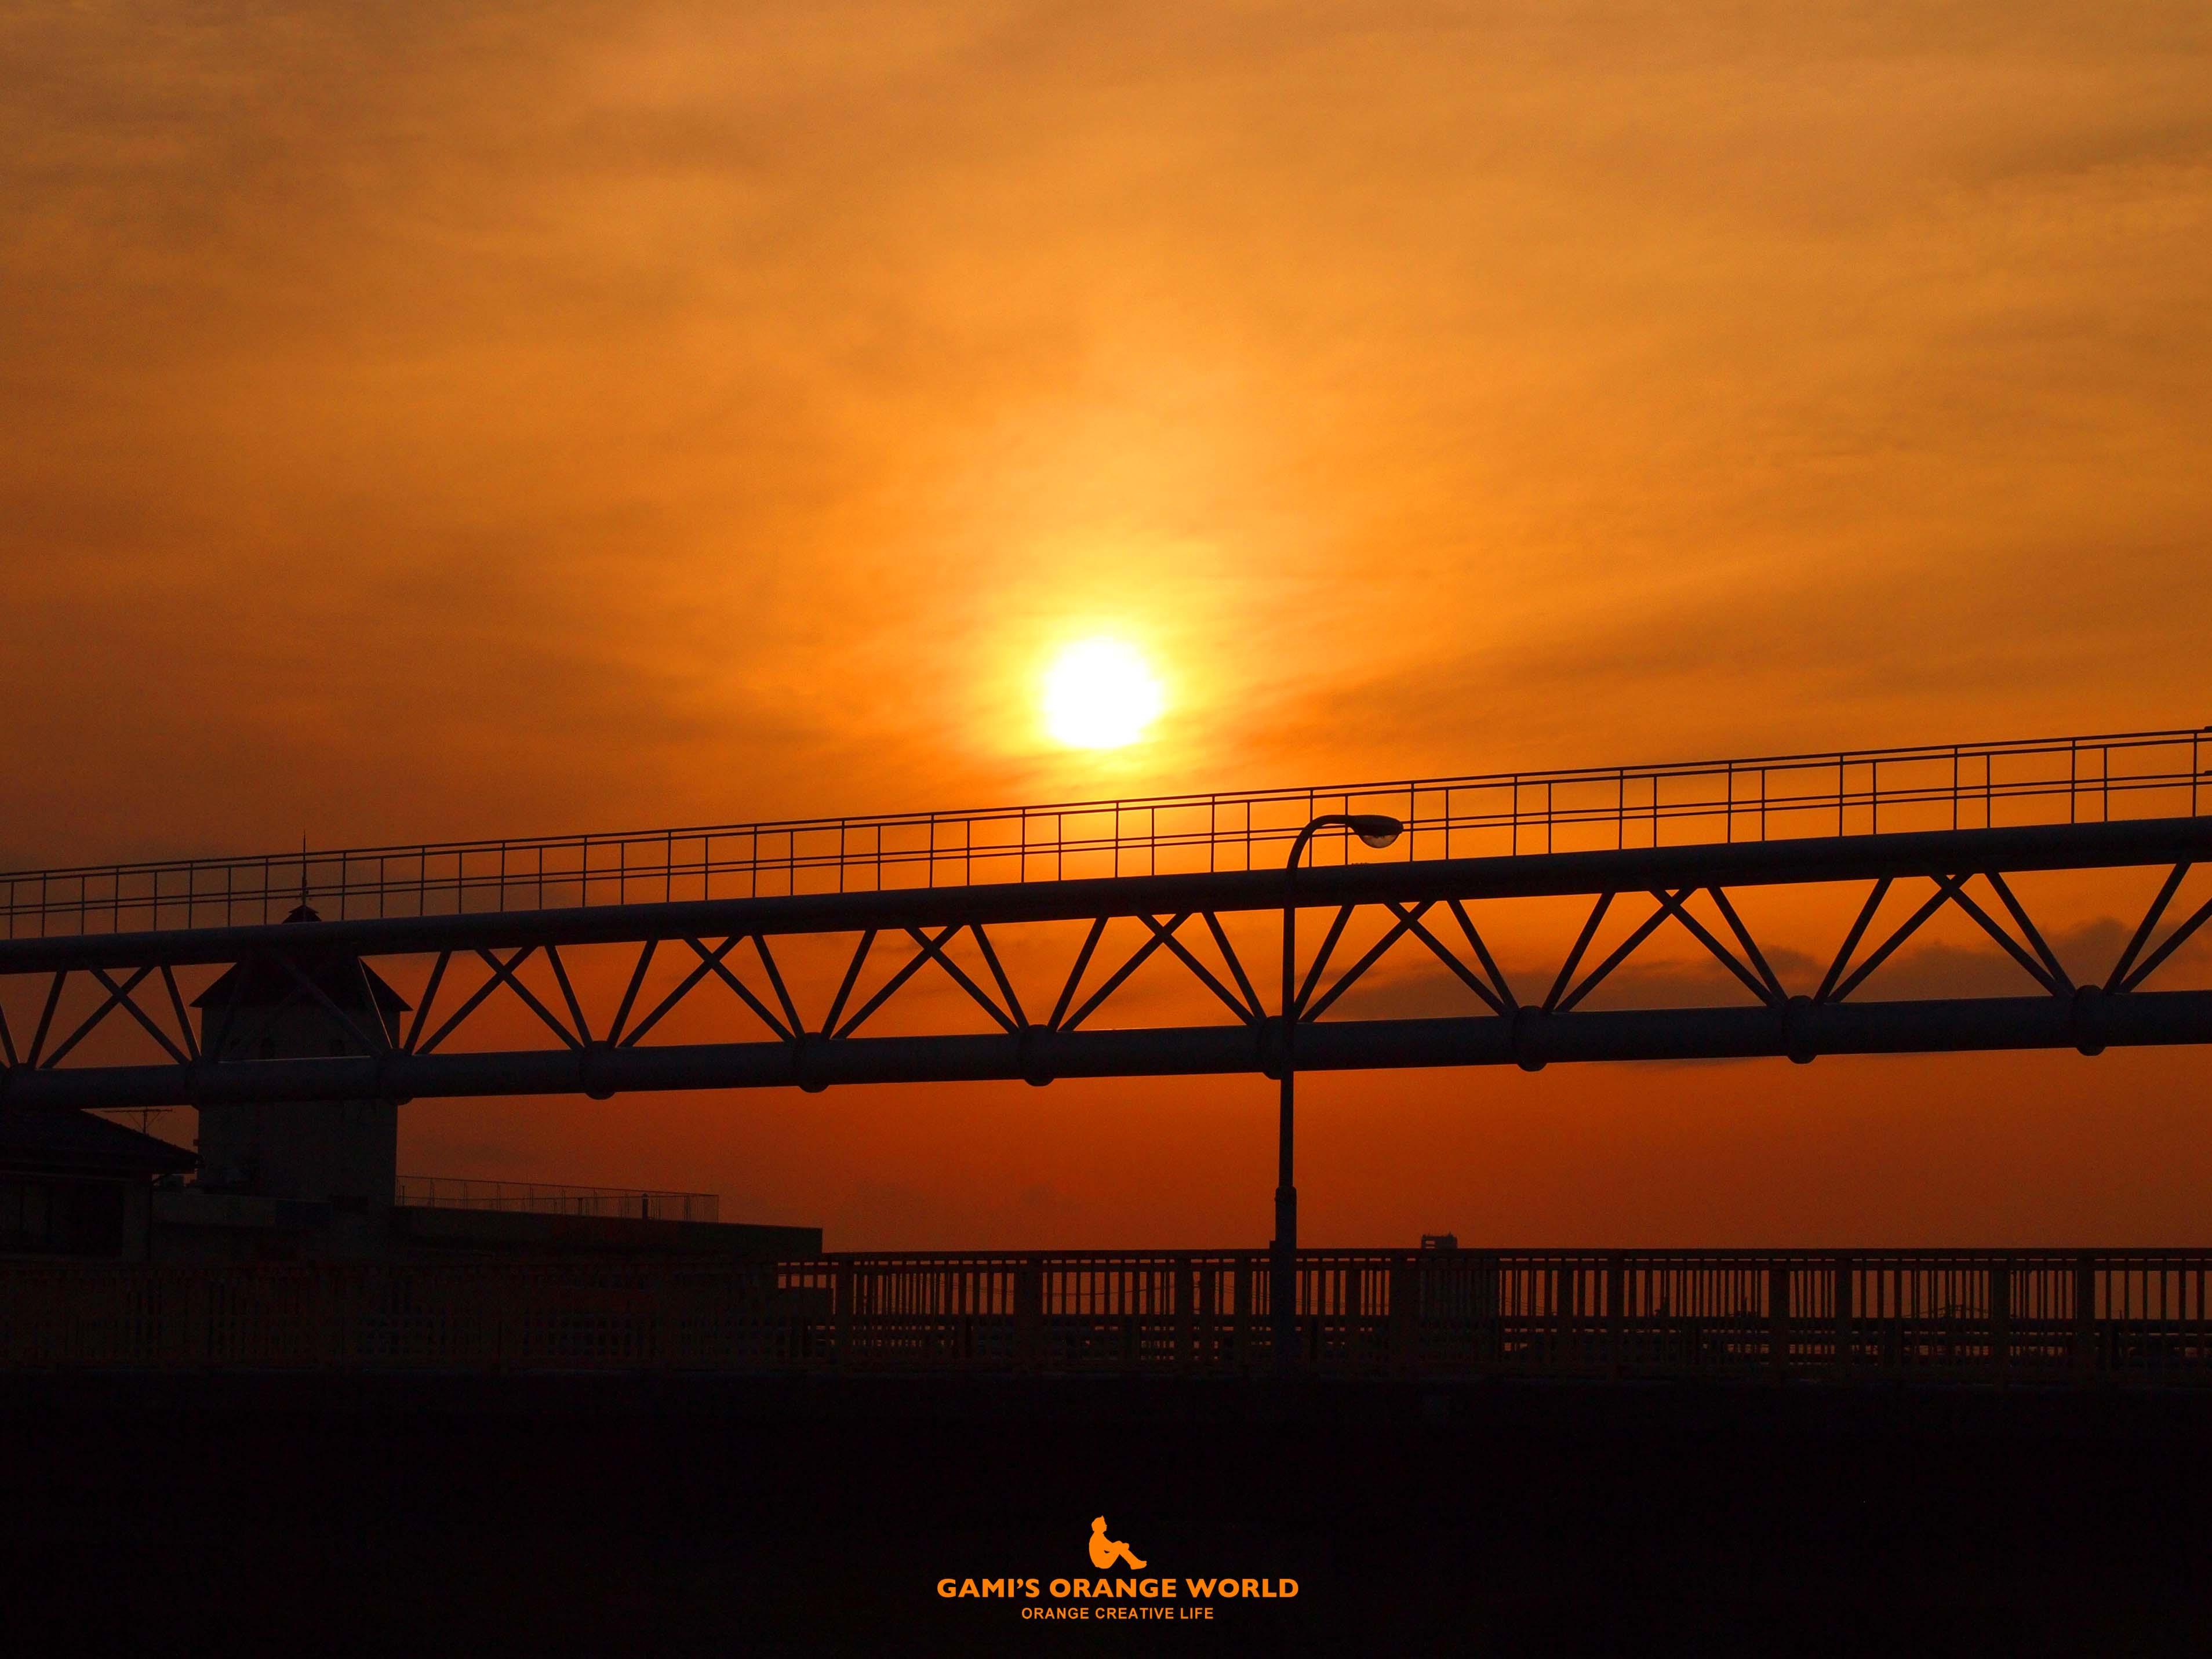 0550オレンジの橋 のコピー